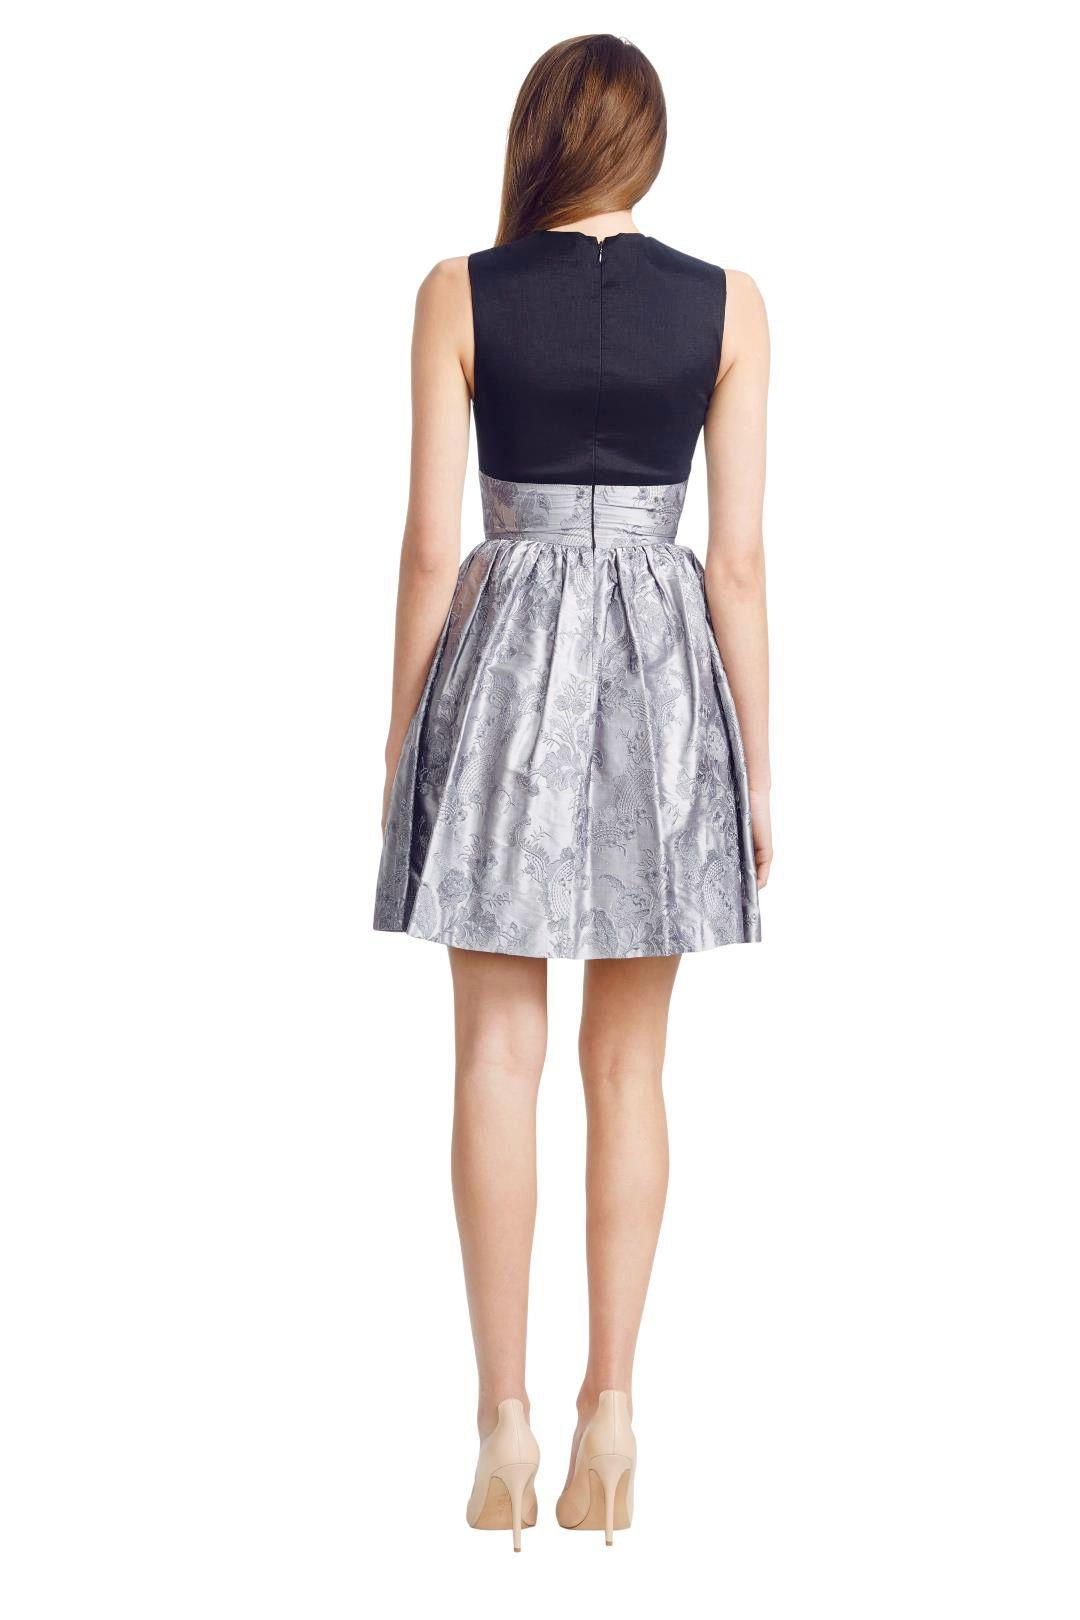 Jayson Brunsdon - Pompadour Dress - Black - Back